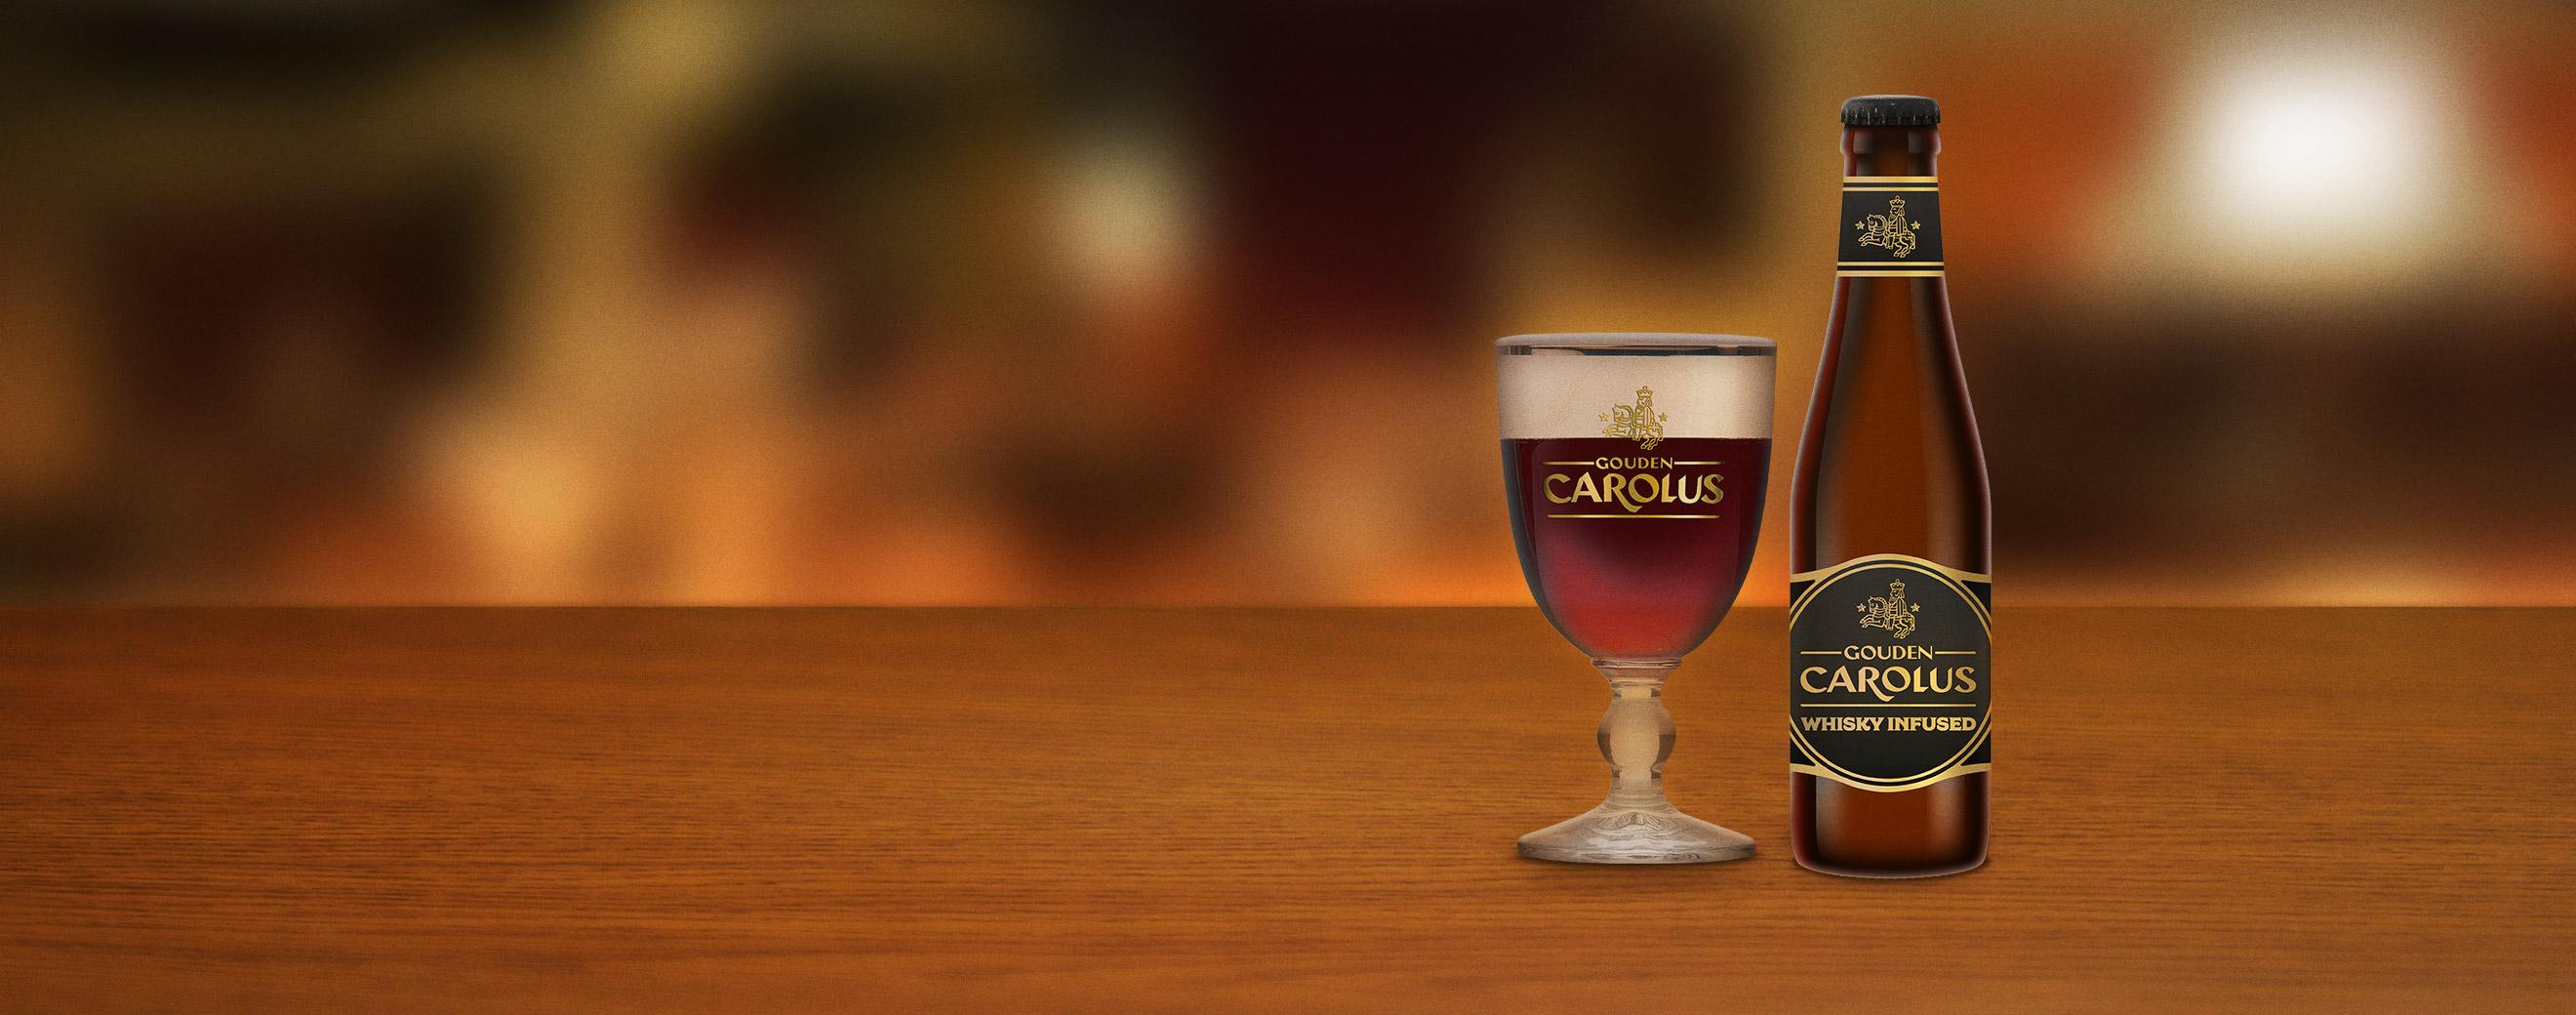 Gouden Carolus Cuvée van de Keizer Whisky Infused met glas